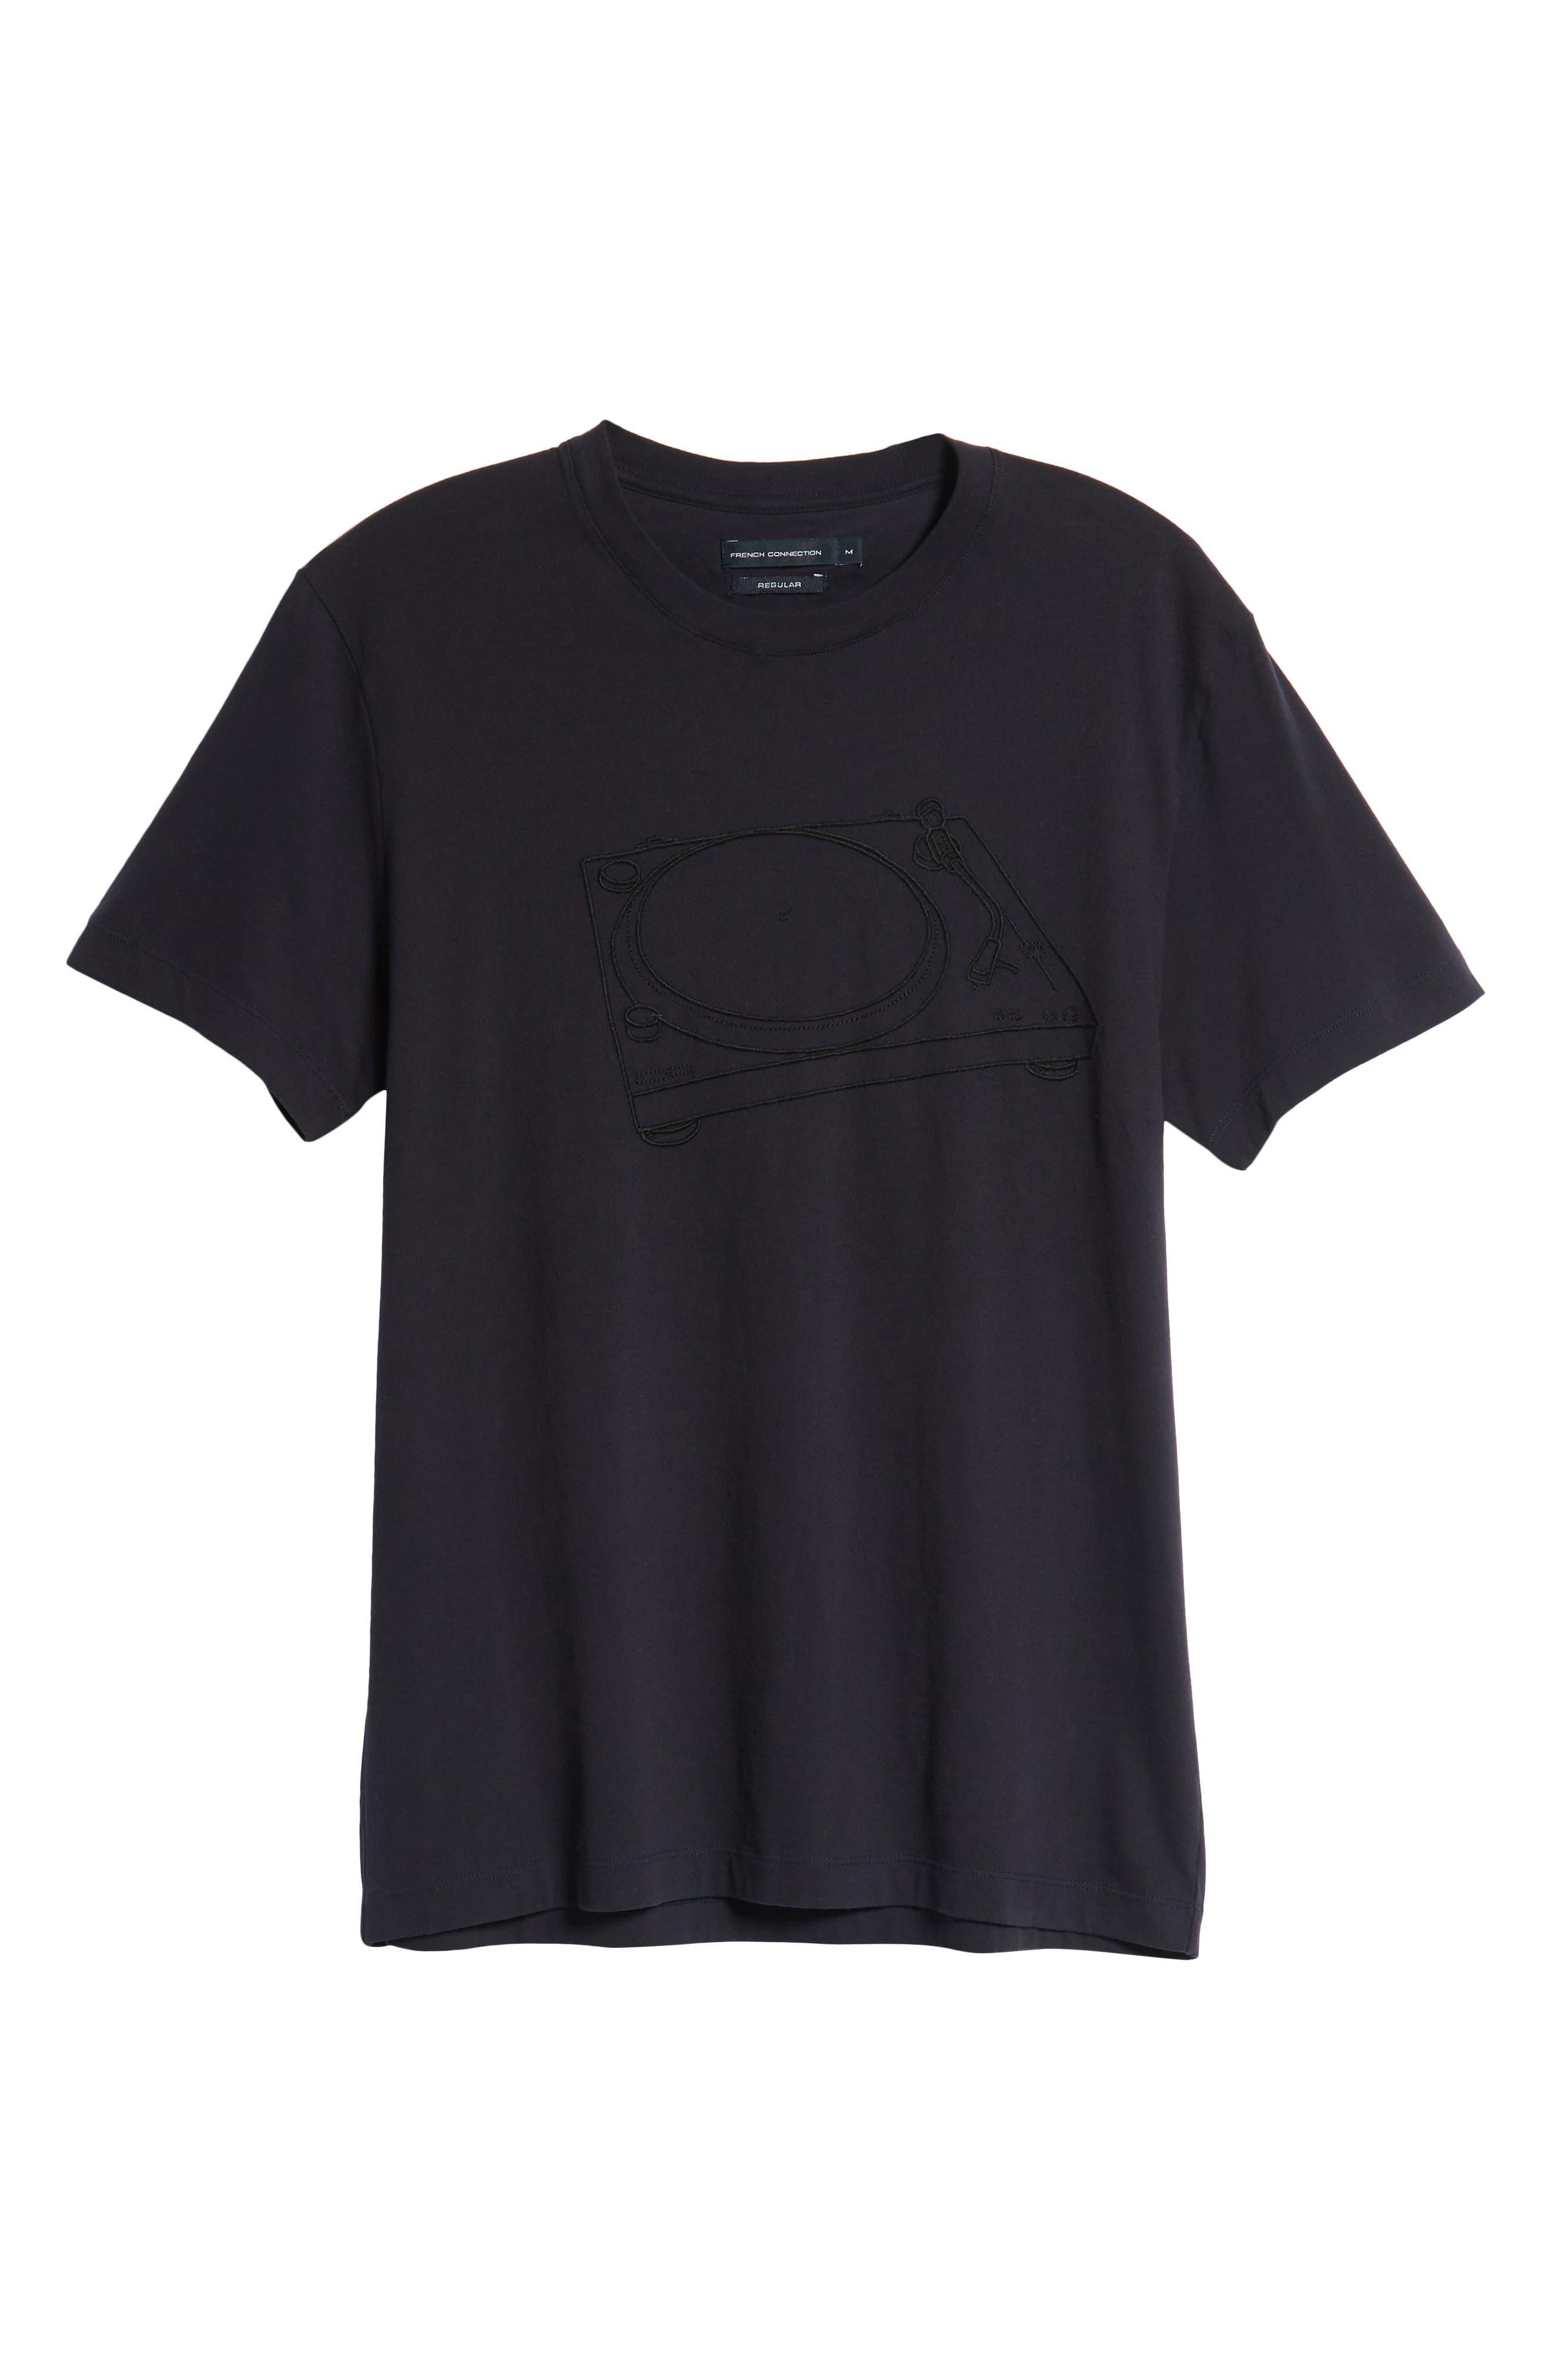 Decks Regular Fit Cotton T-Shirt,                             Alternate thumbnail 6, color,                             UTILITY BLUE BLACK